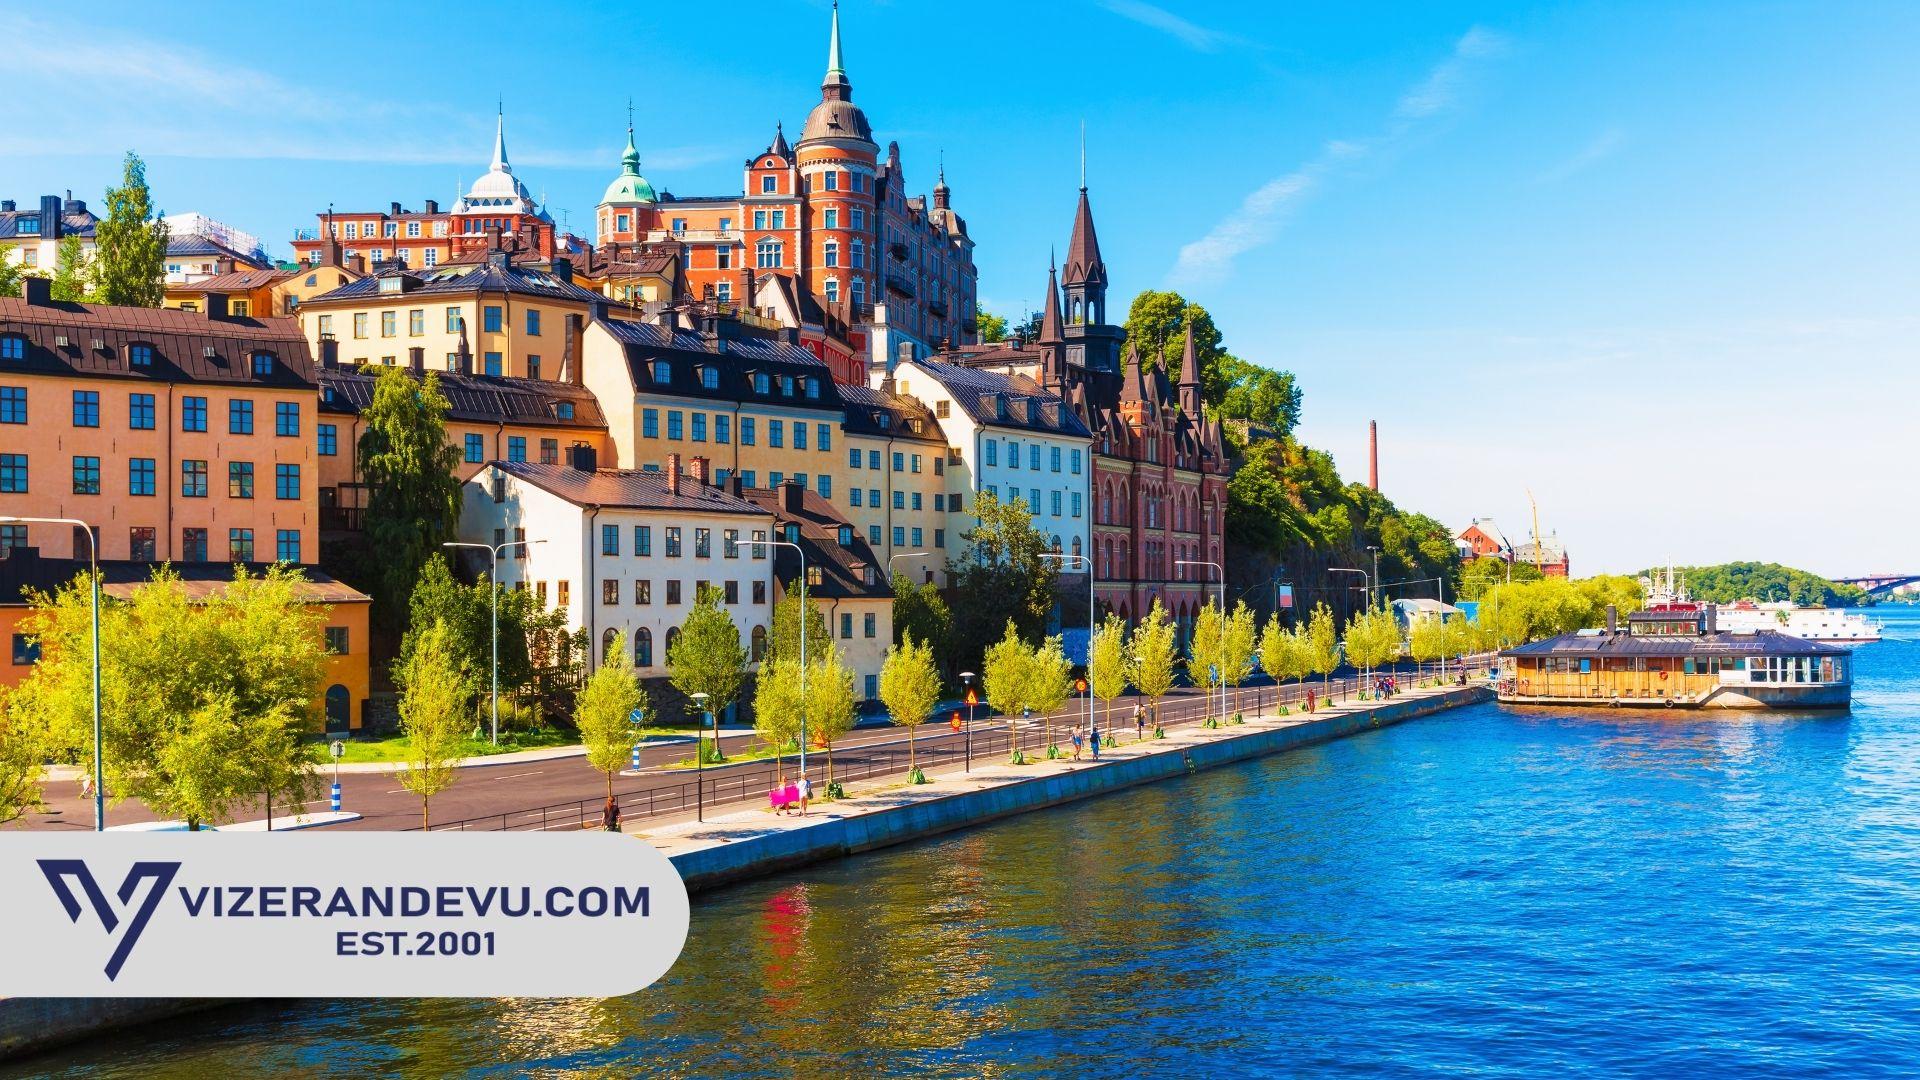 İsveç Vizesi: Randevu ve Başvuru (2021)